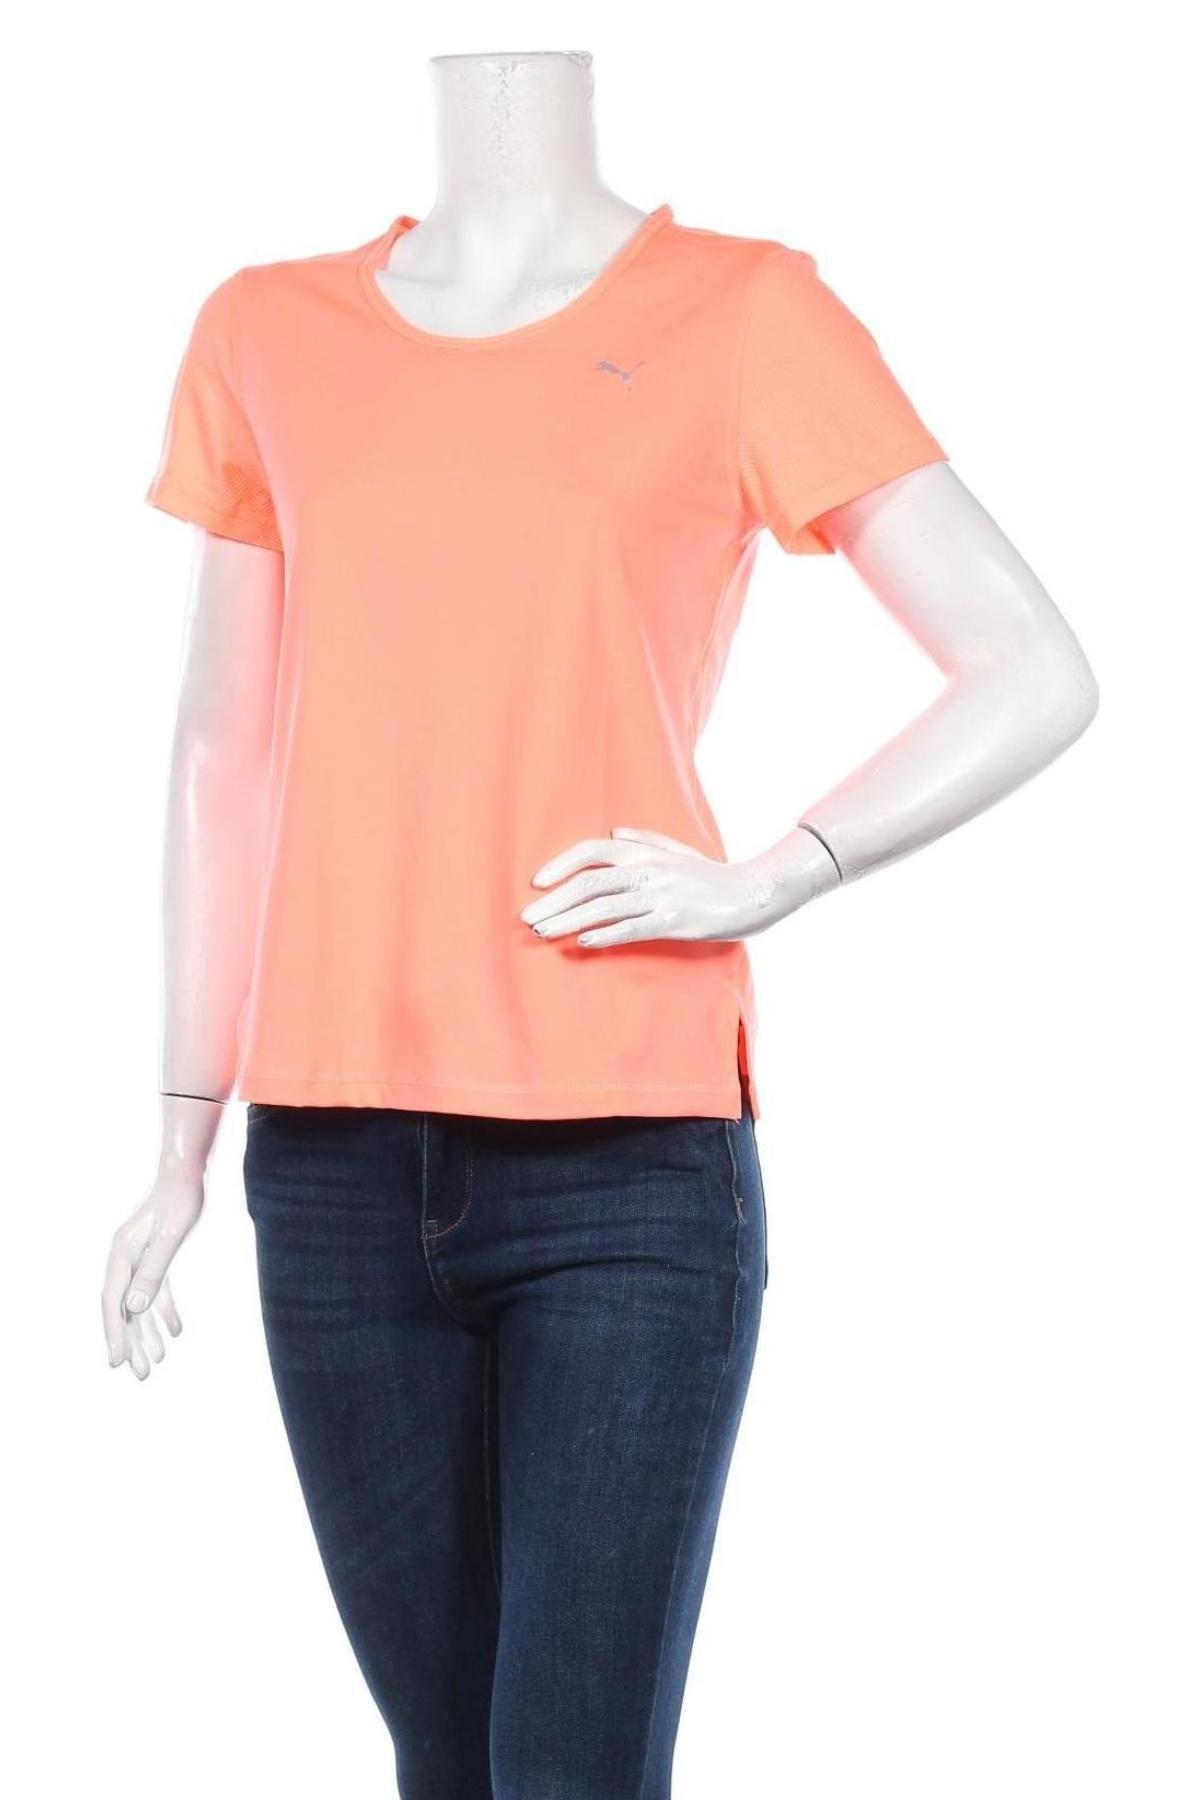 Дамска тениска PUMA, Размер M, Цвят Розов, 90% полиестер, 10% еластан, Цена 22,40лв.